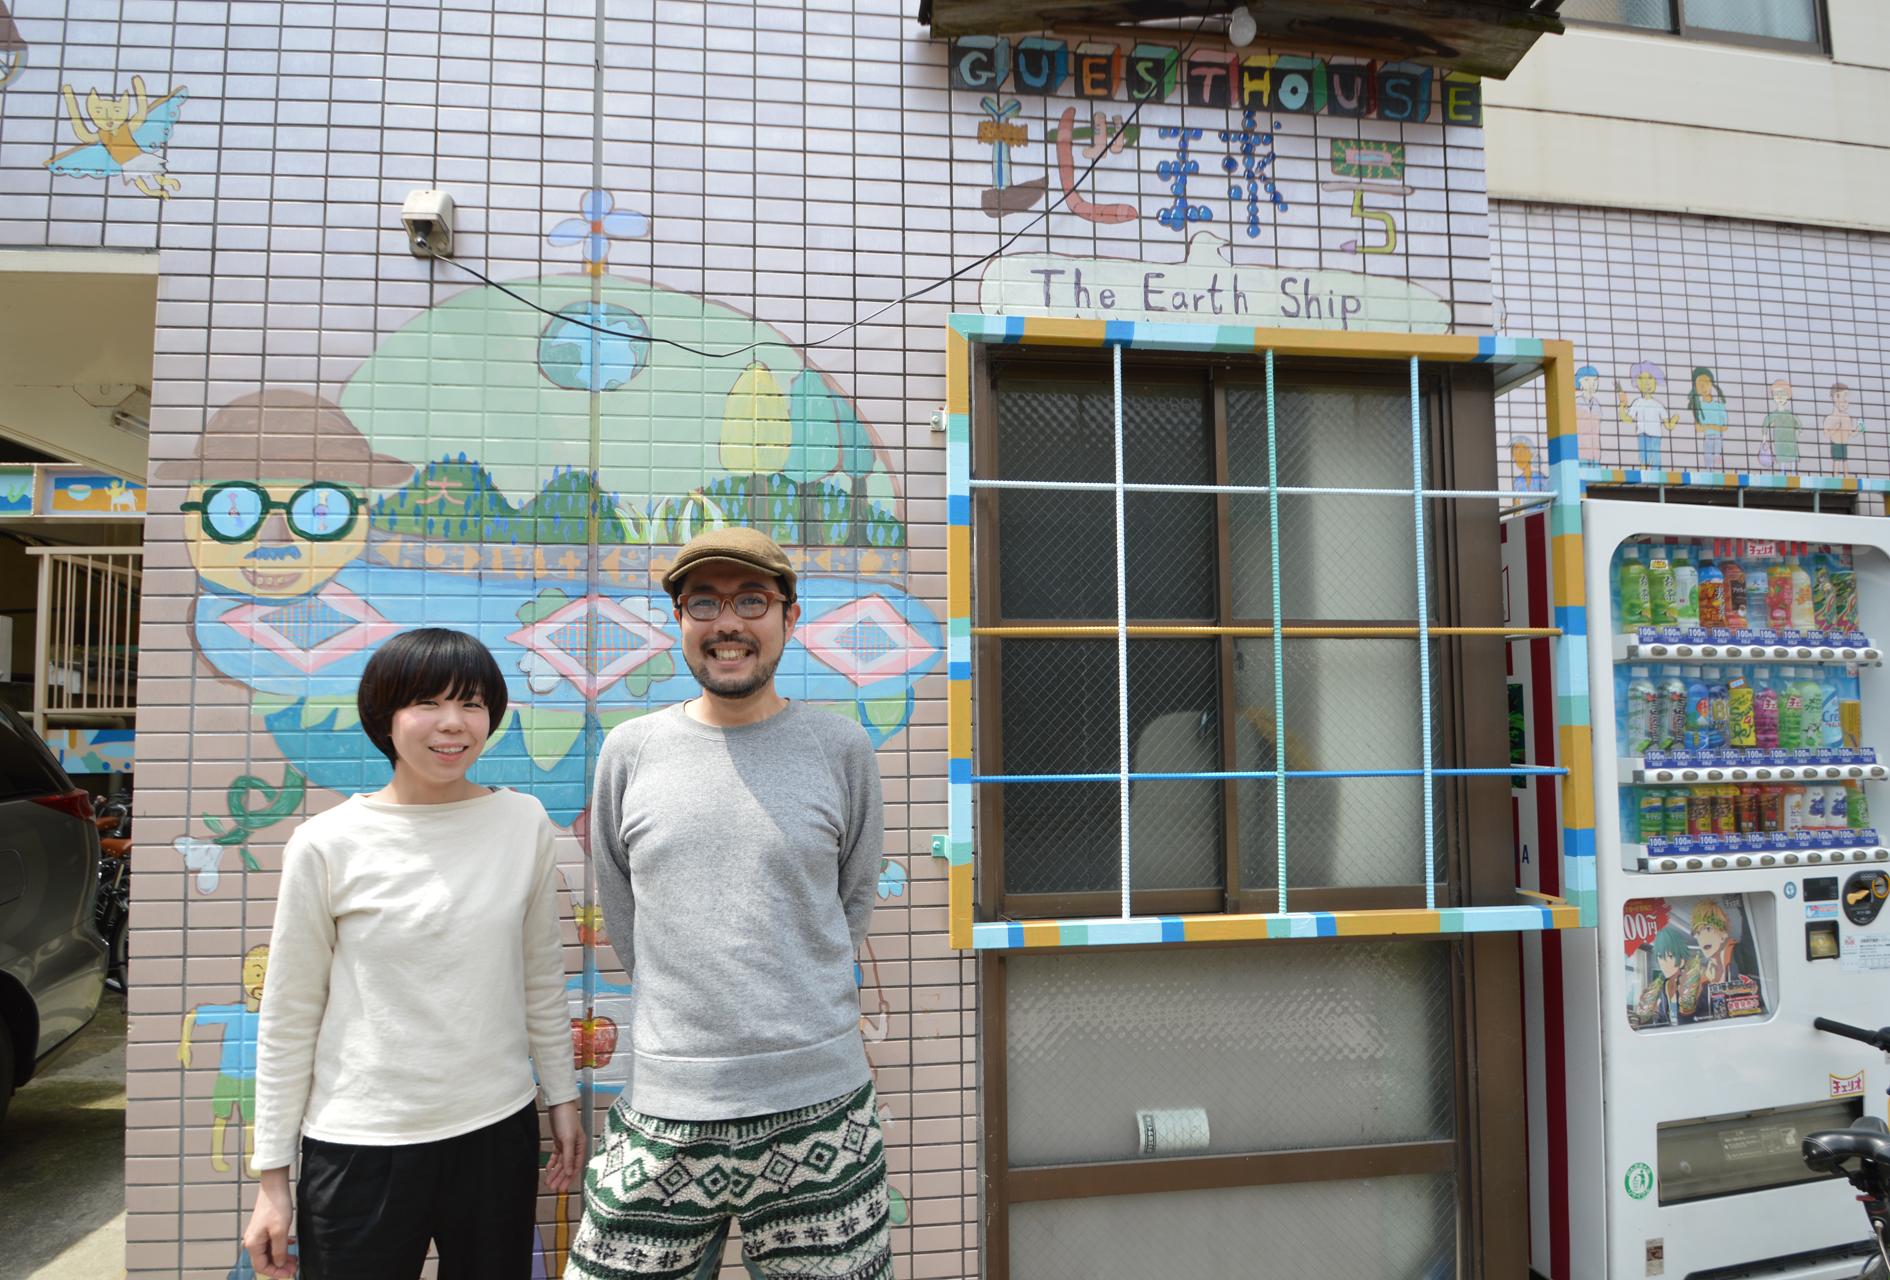 京都でゲストハウスを経営する友人にインタビュー